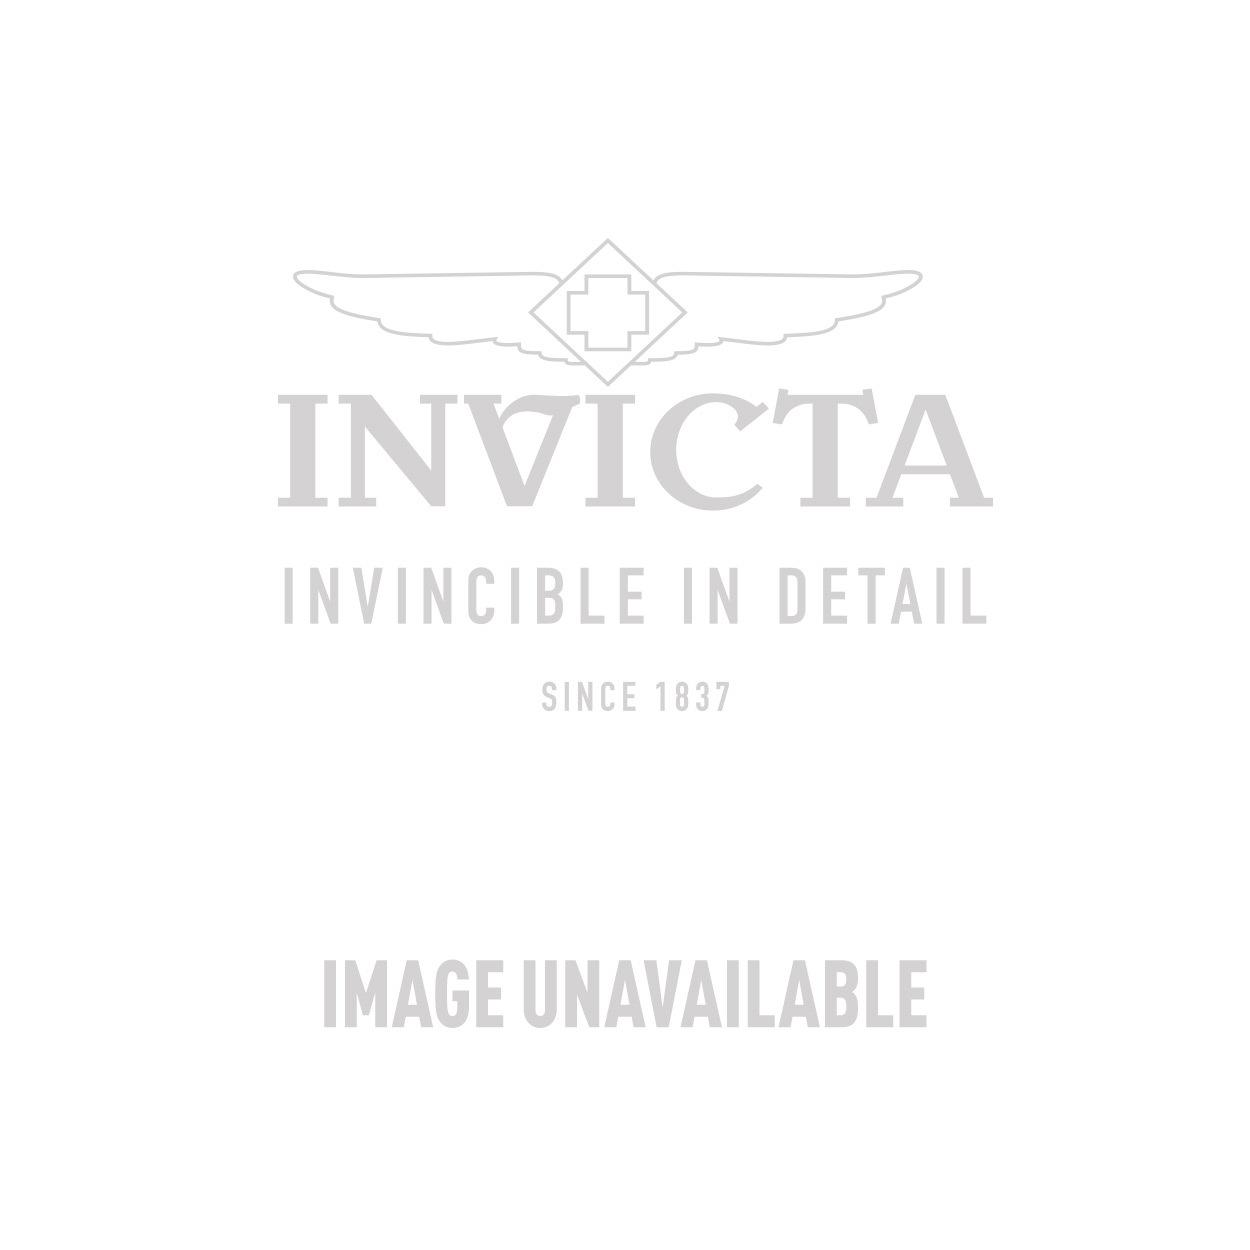 Invicta Model 22225